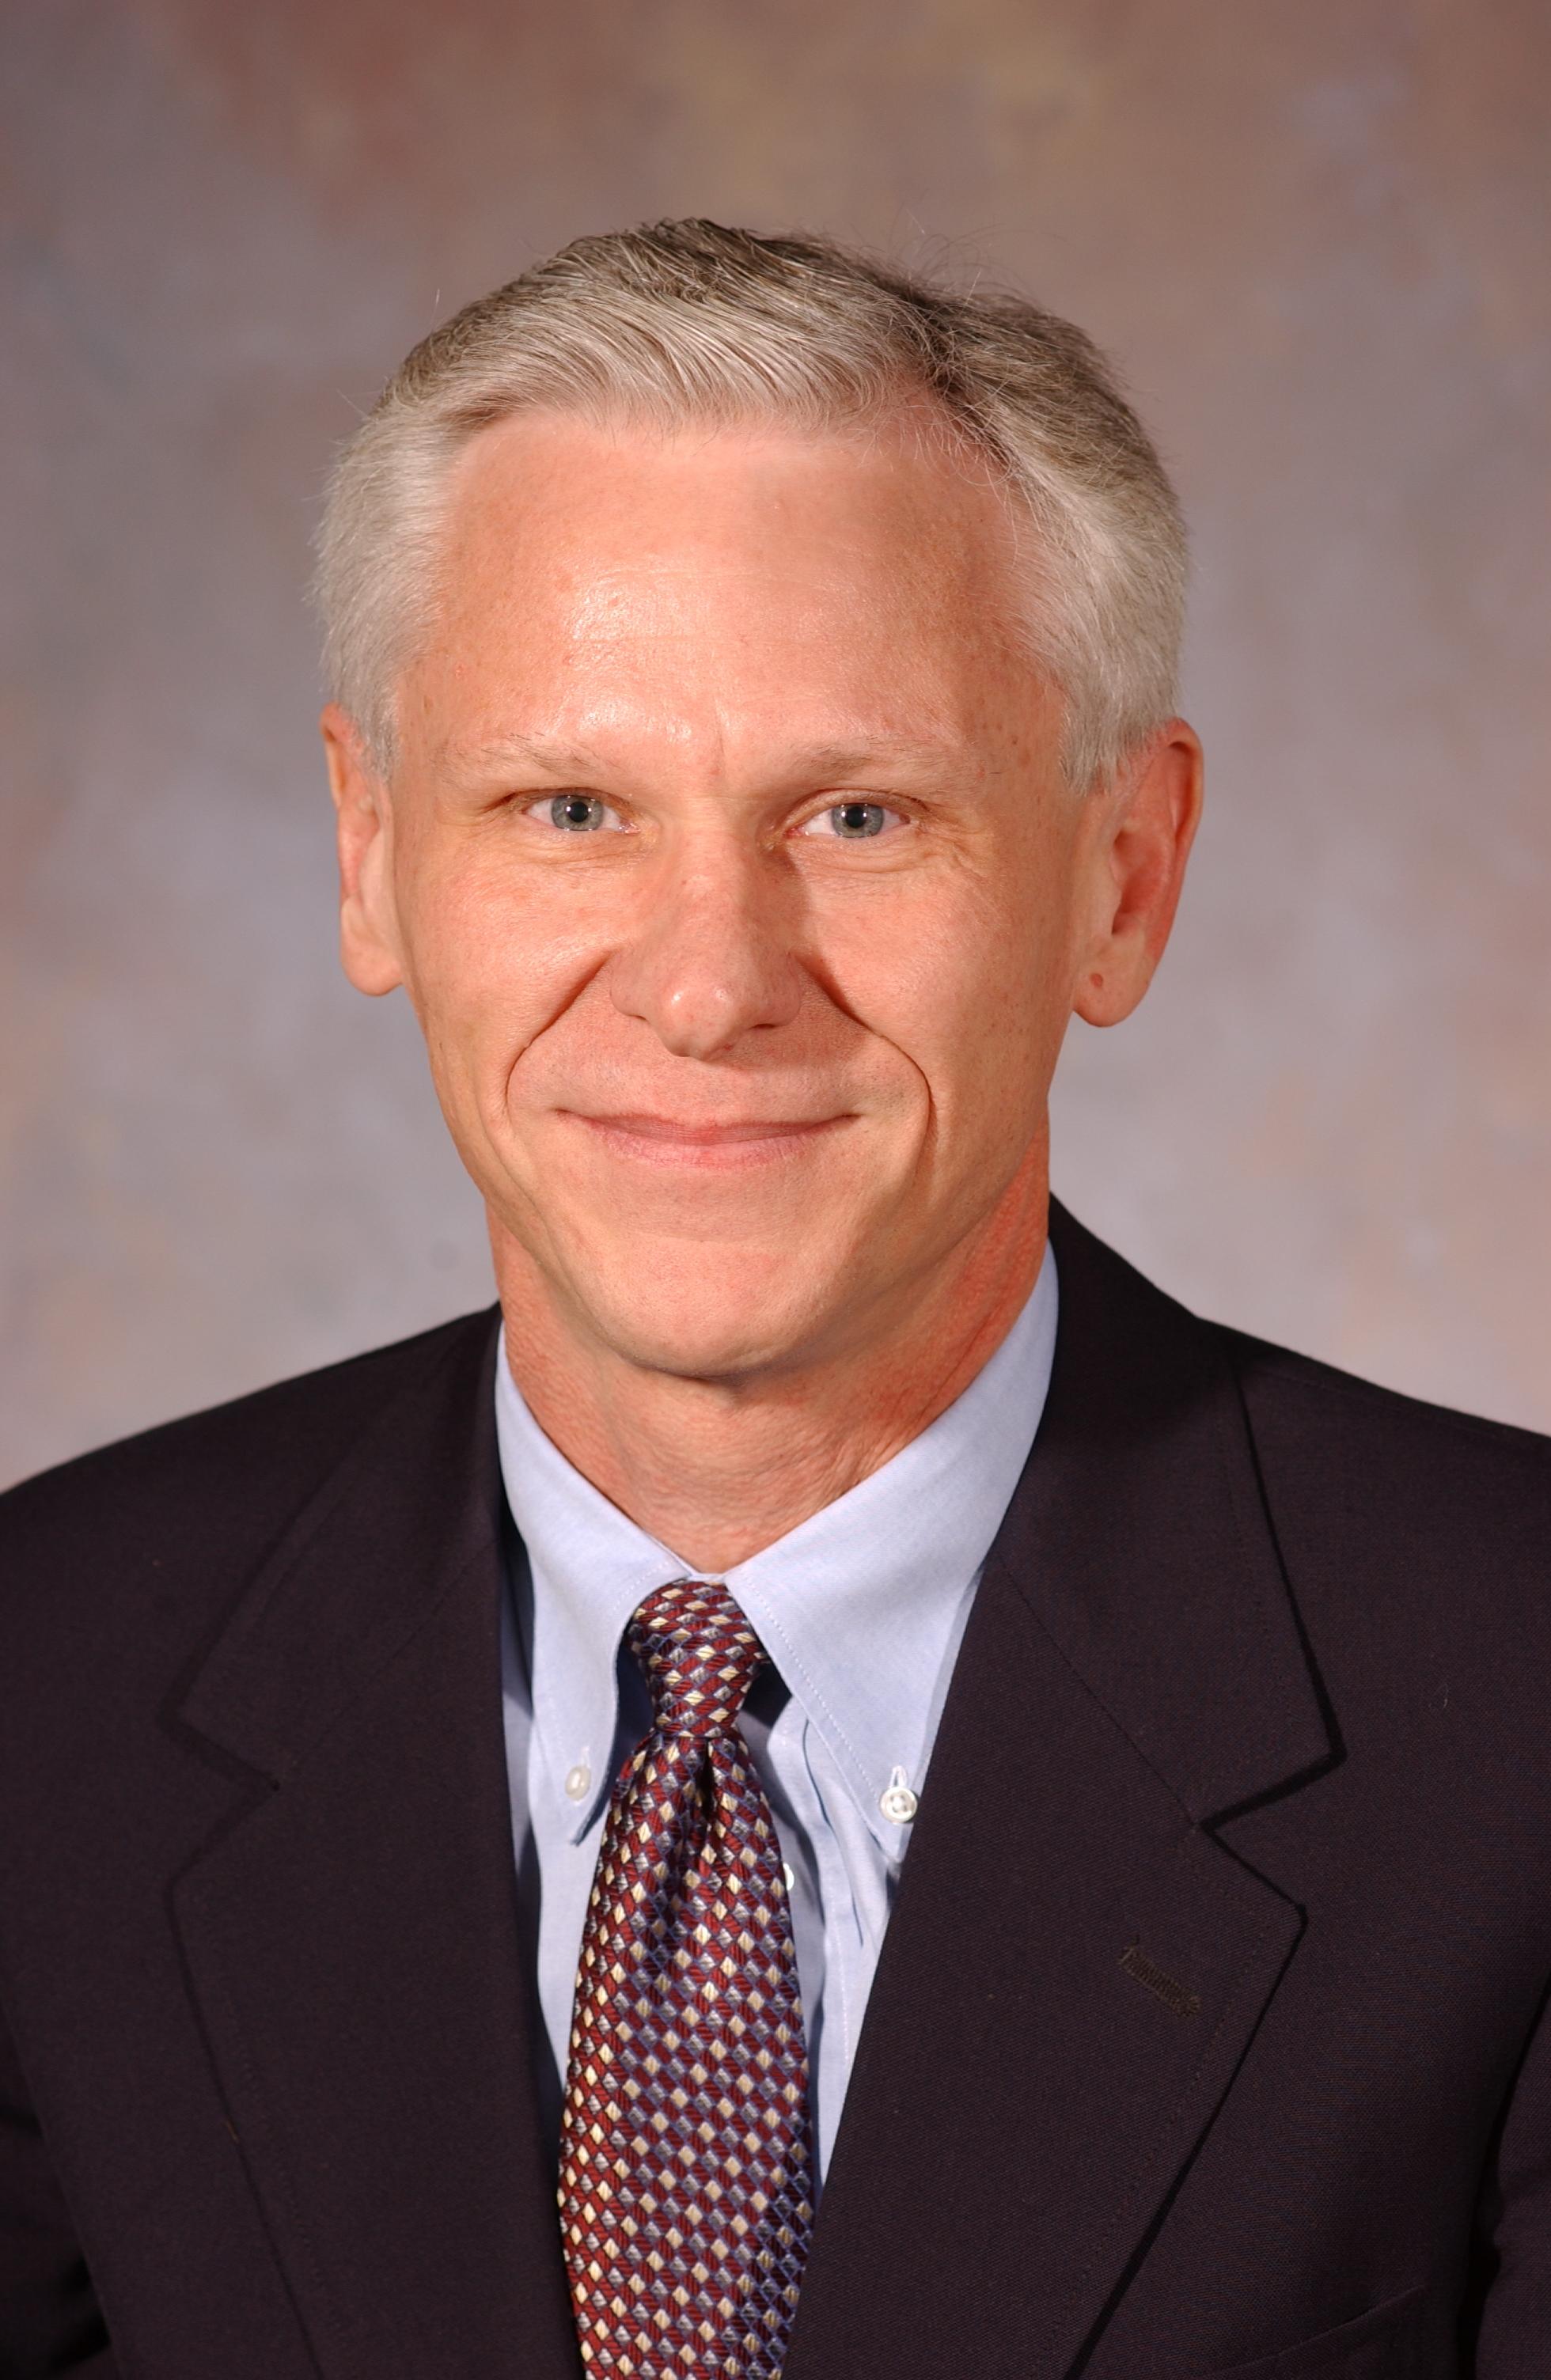 Michael Parrish